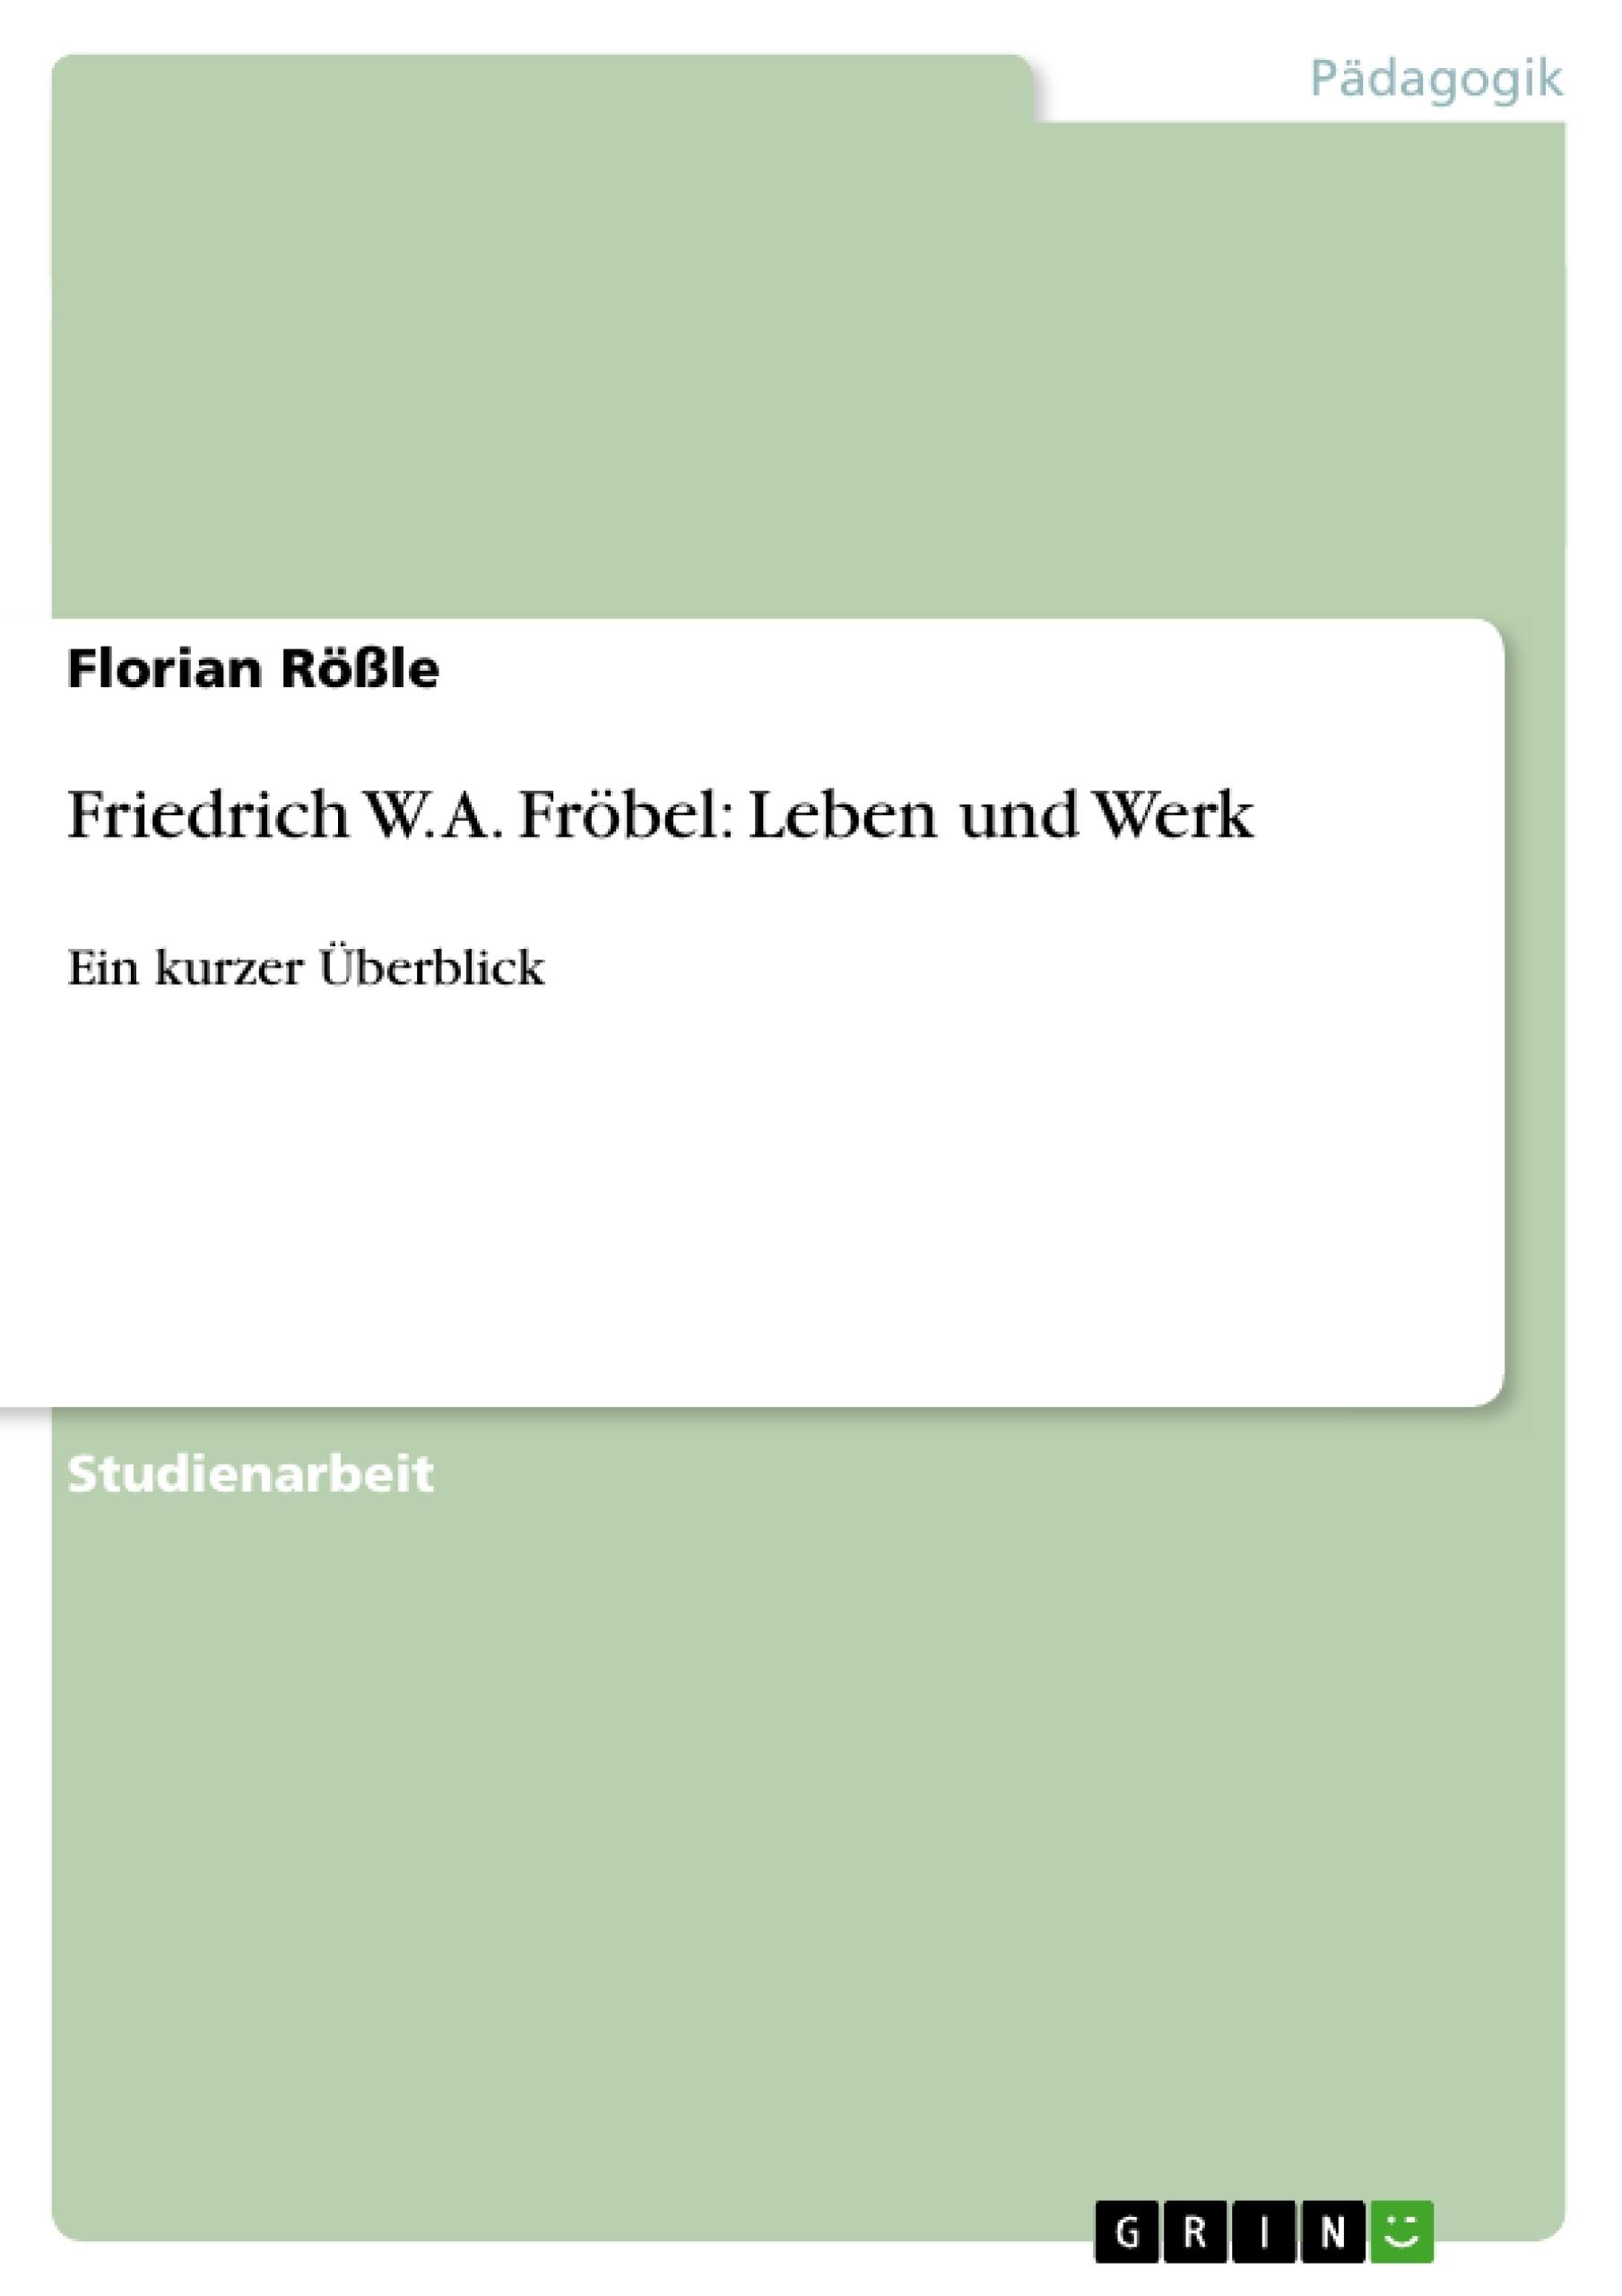 Titel: Friedrich W. A. Fröbel: Leben und Werk